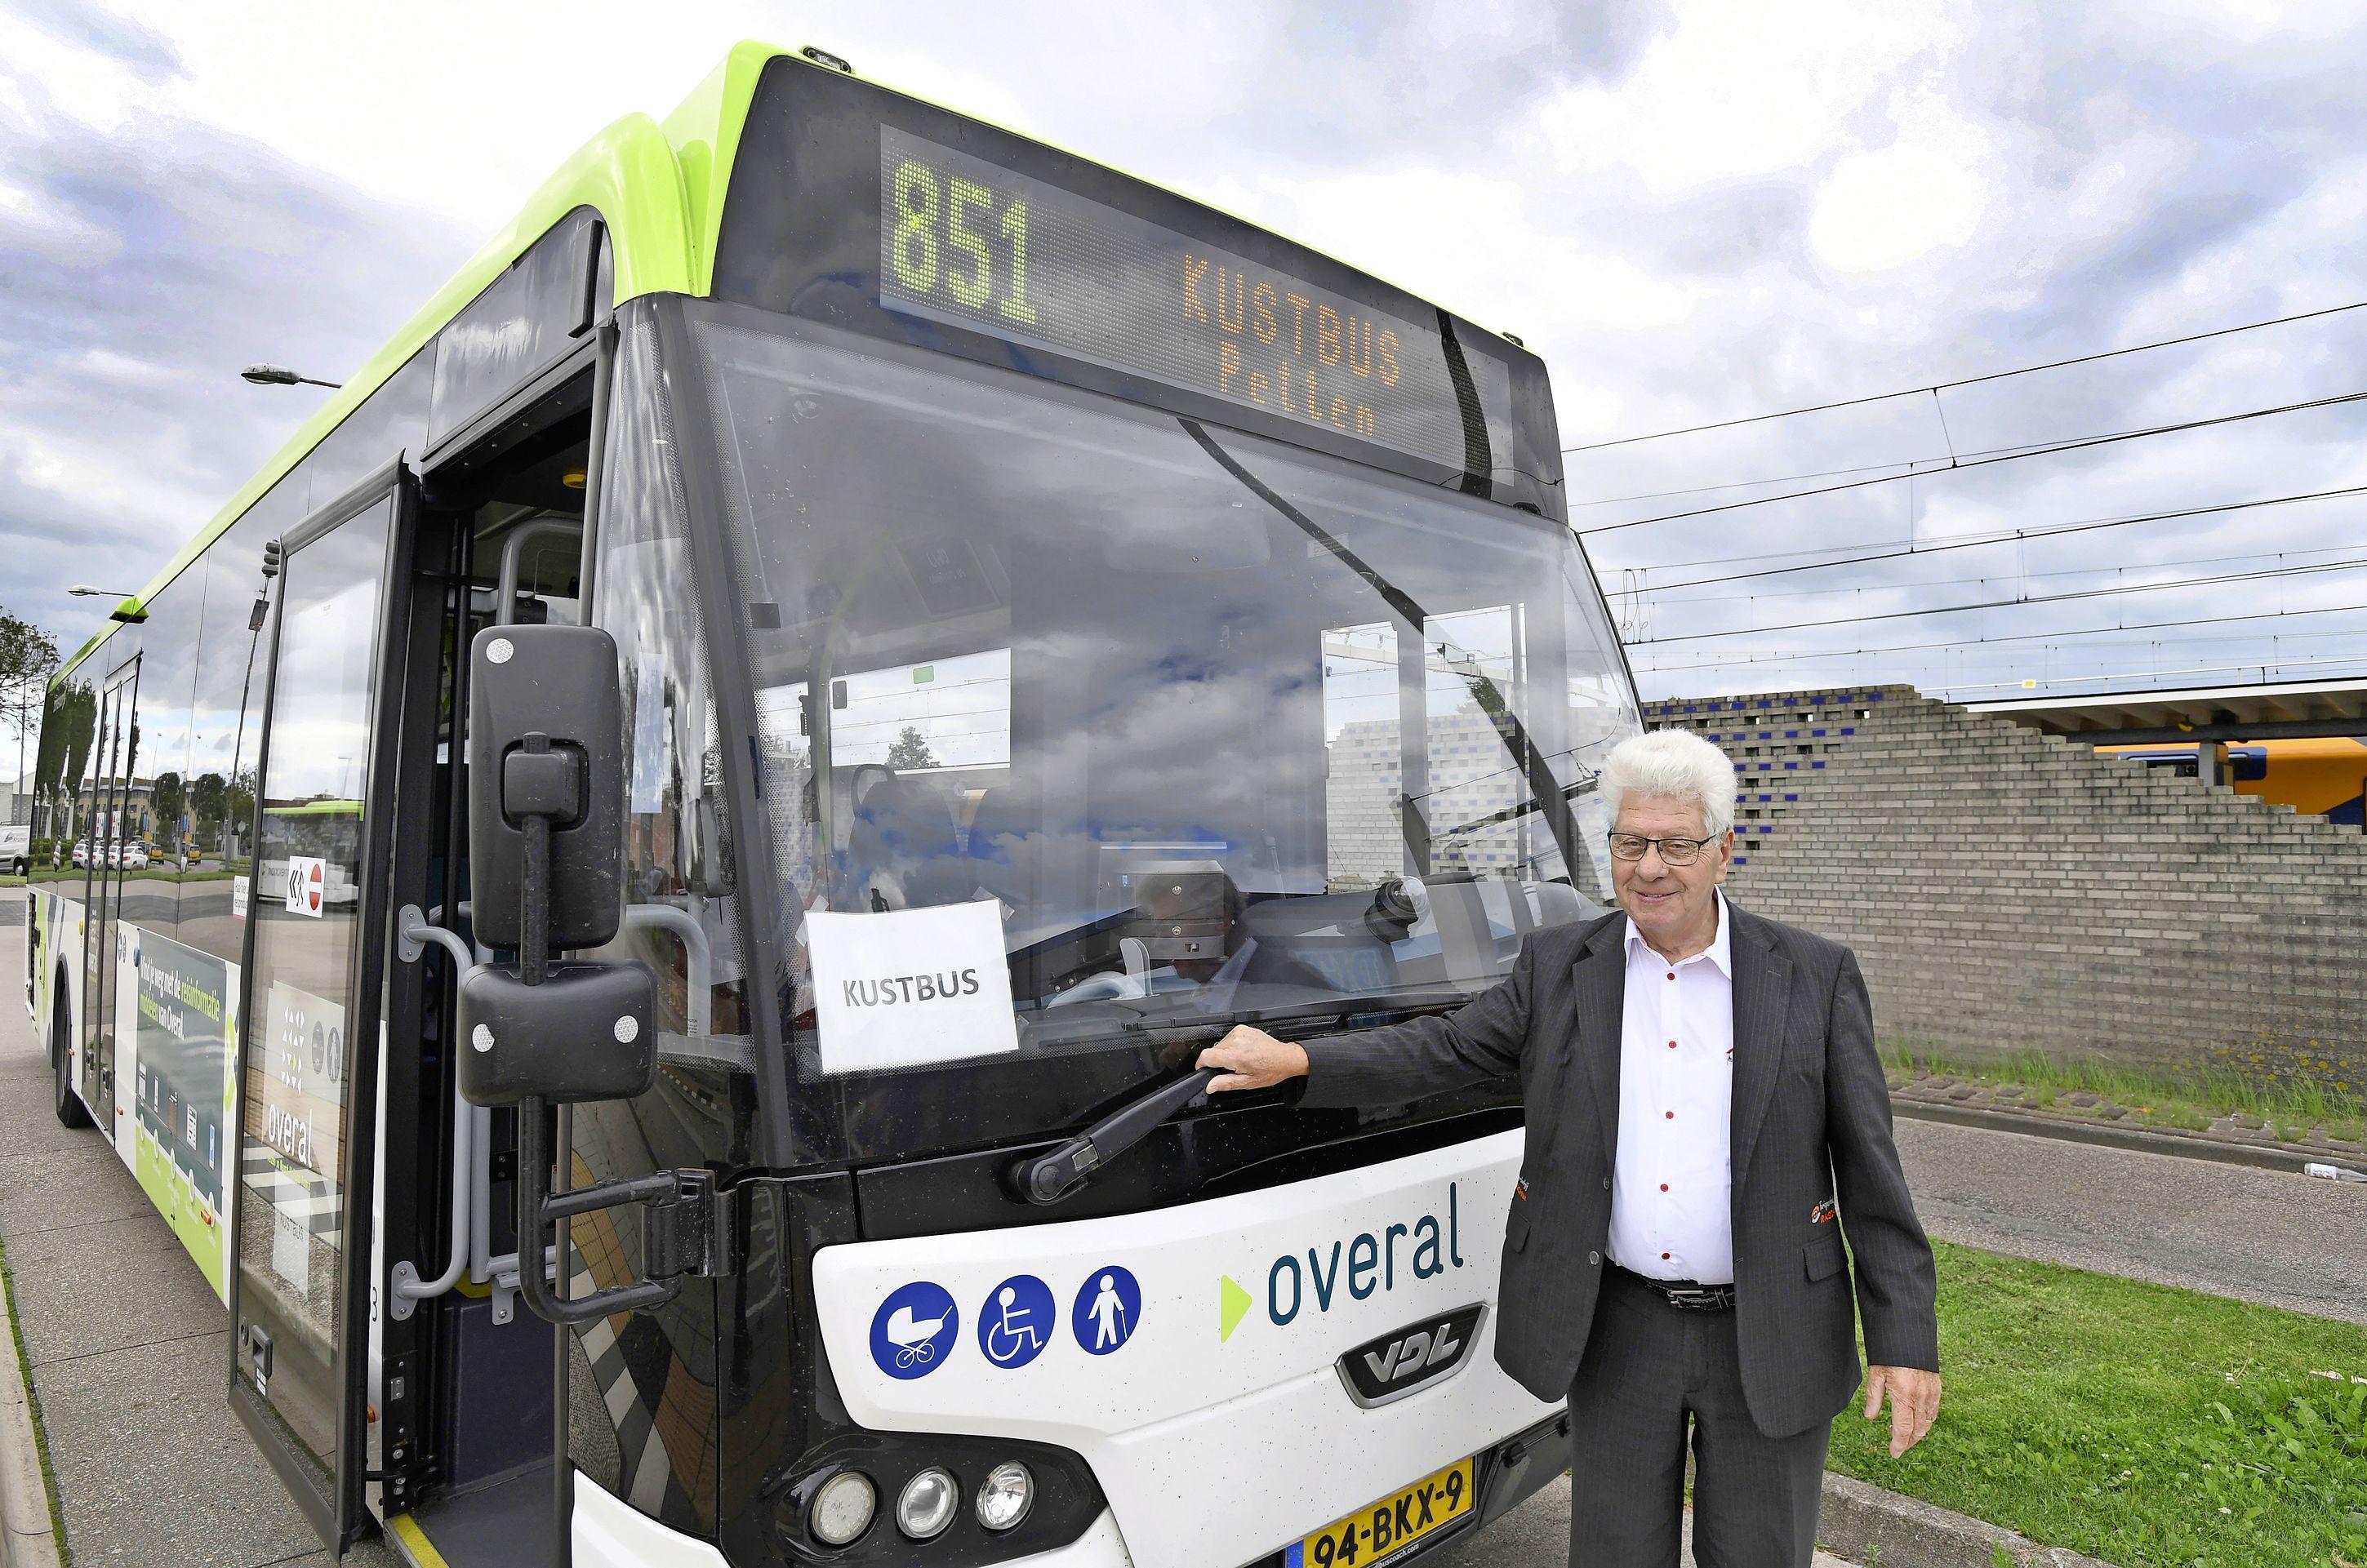 Alternatief plan voor kustlijn als vervoerder Connexxion het af laat weten. 'Desnoods laten we een particulier busbedrijf de route rijden'